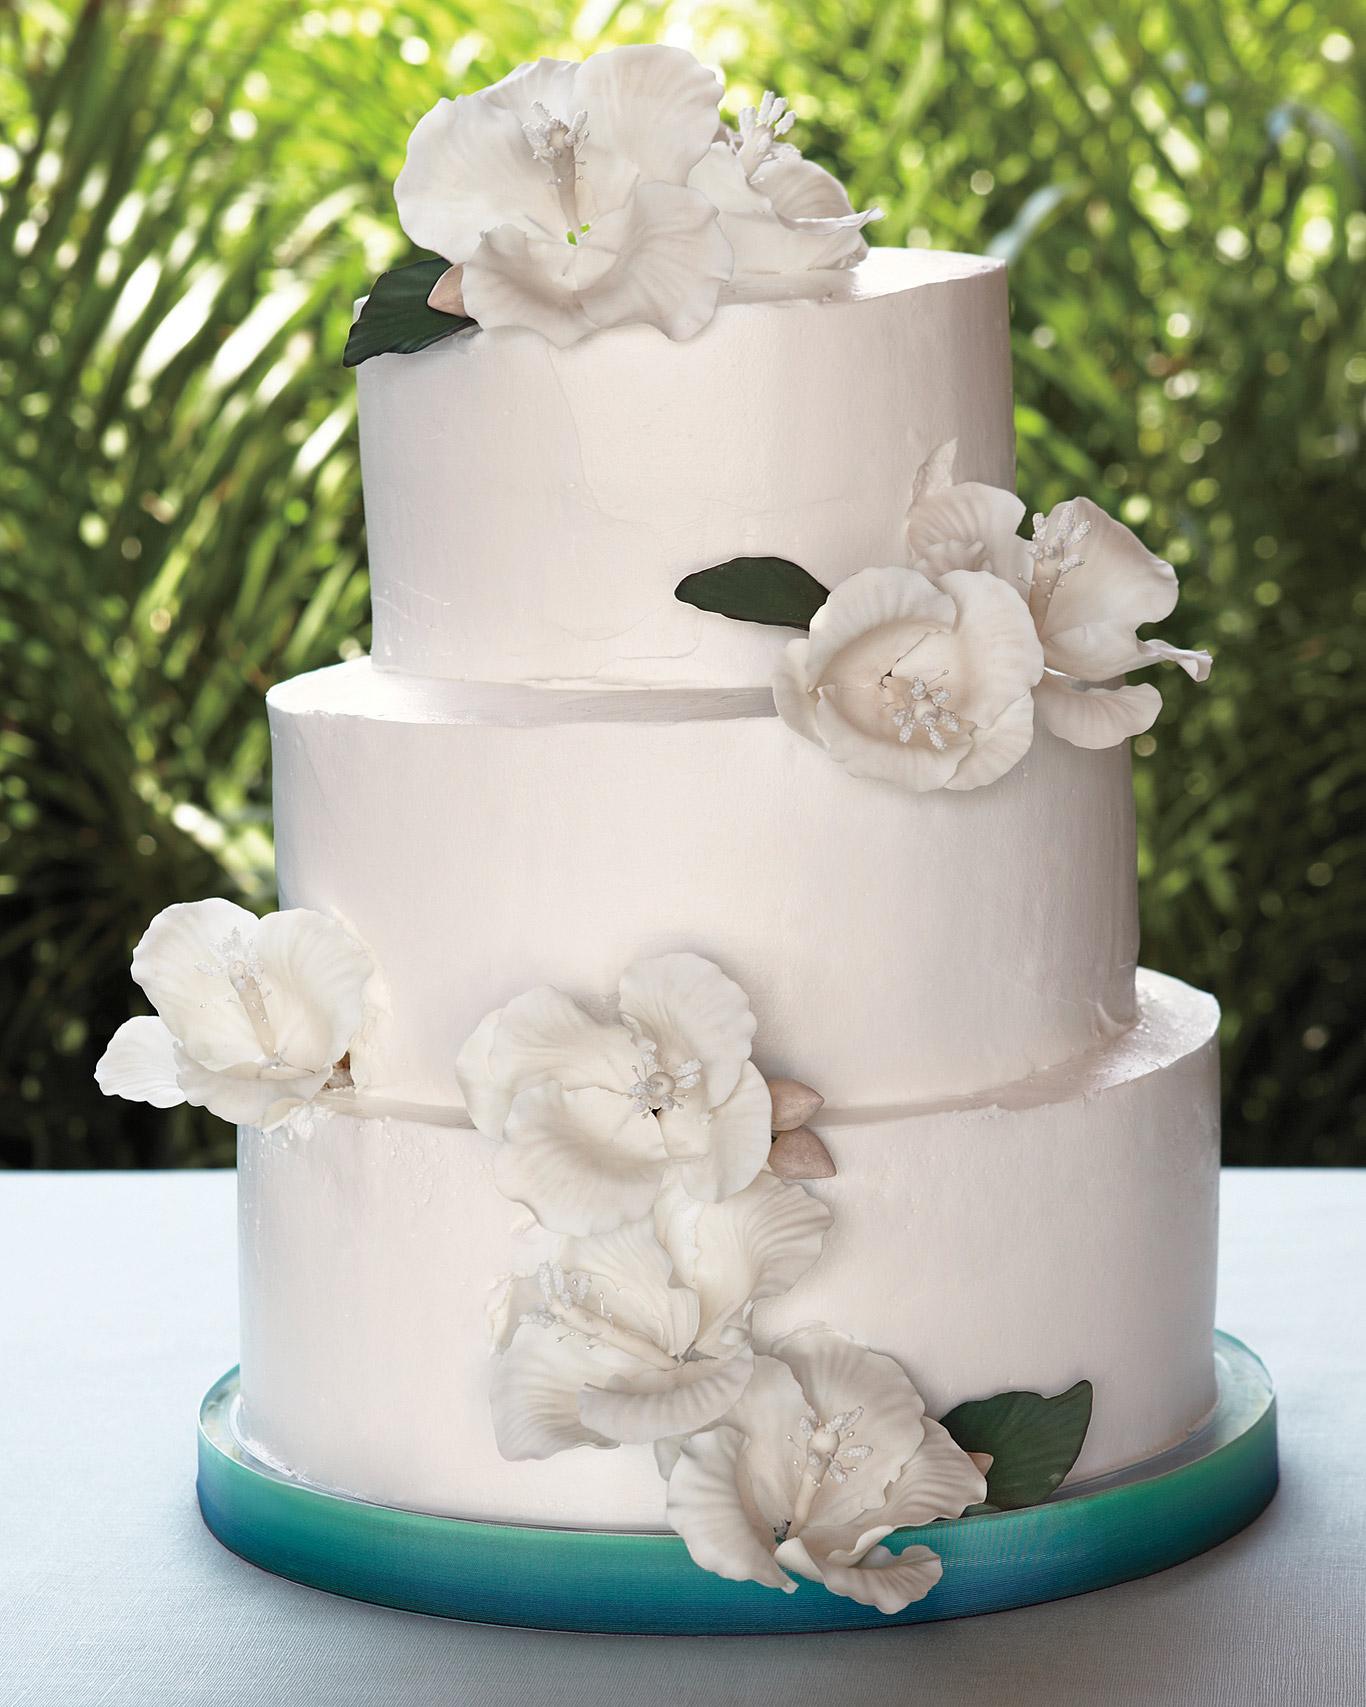 rw-mexico-cake-mwds107779.jpg